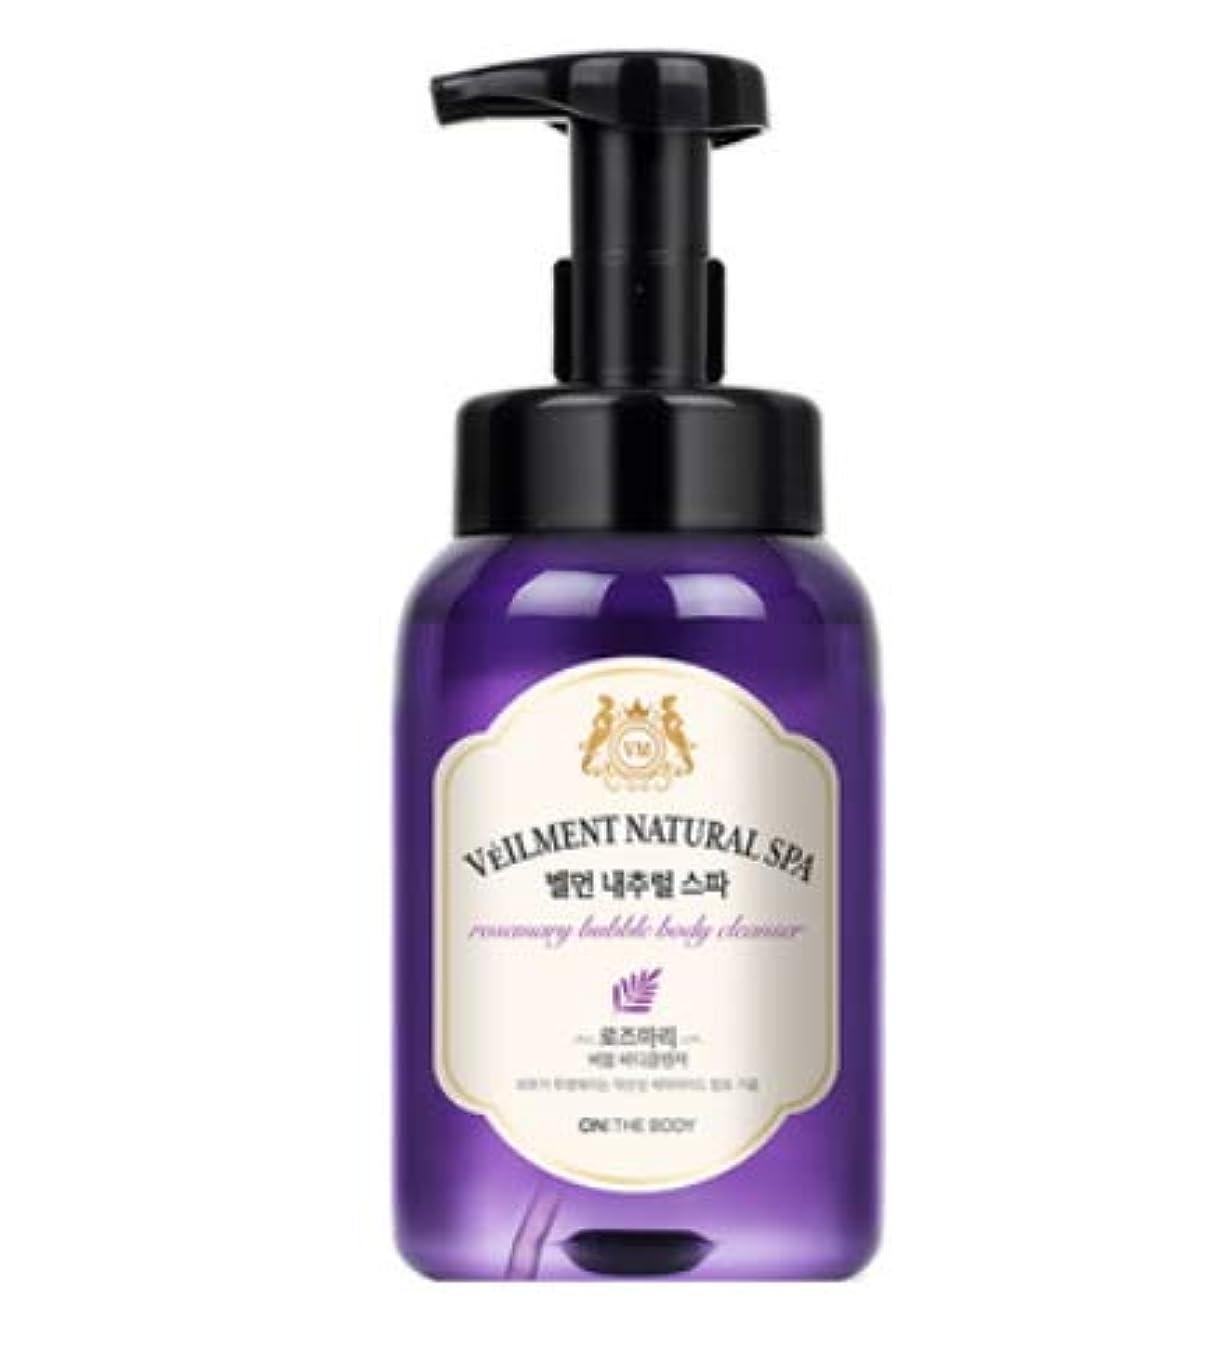 ソートフォーム劣る[LG HnB] On the Body Belman Natural Spa Bubble Body Cleanser/オンザボディベルモンナチュラルスパバブルボディクレンザー 500ml x1個(海外直送品)